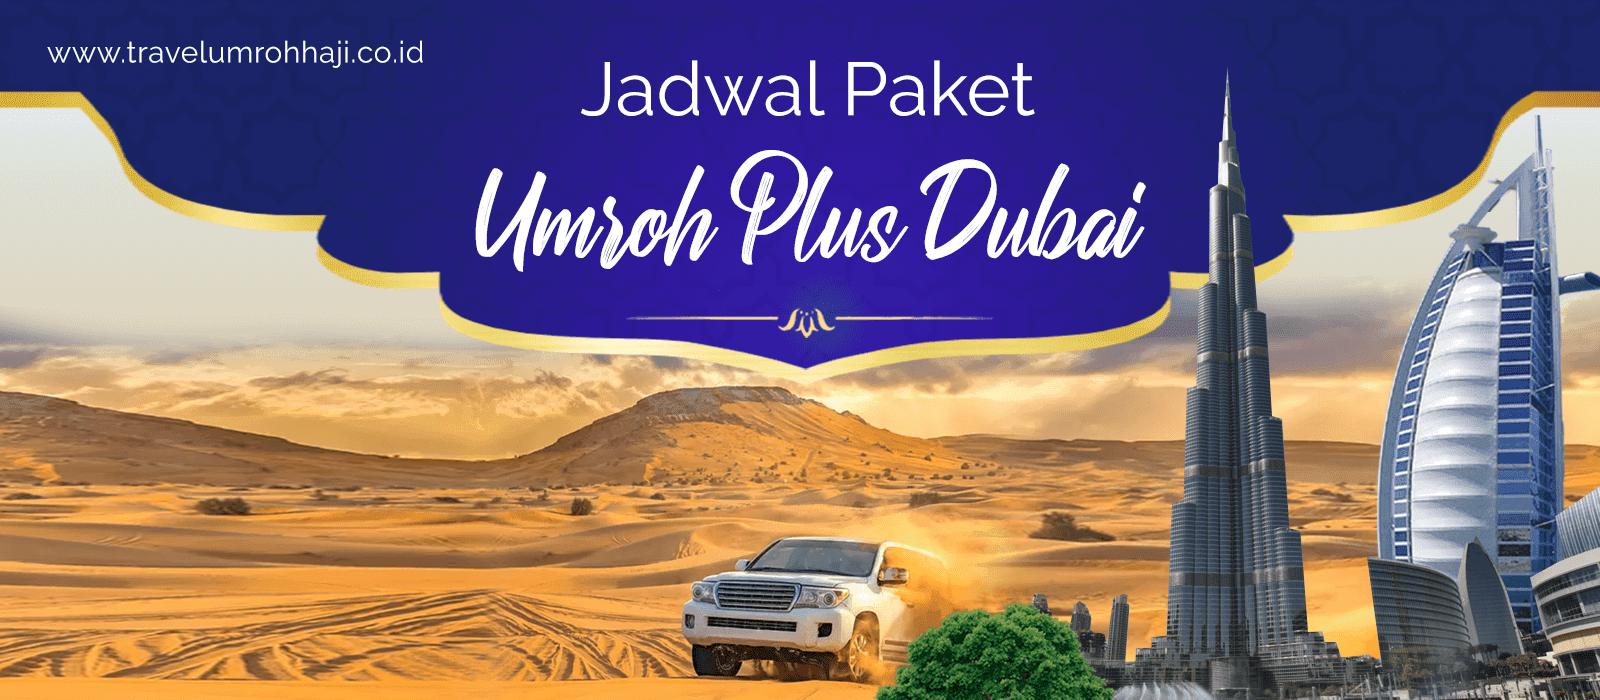 Paket Umroh Plus Dubai Murah Biaya Promo Jadwal Tahun 2019 2020